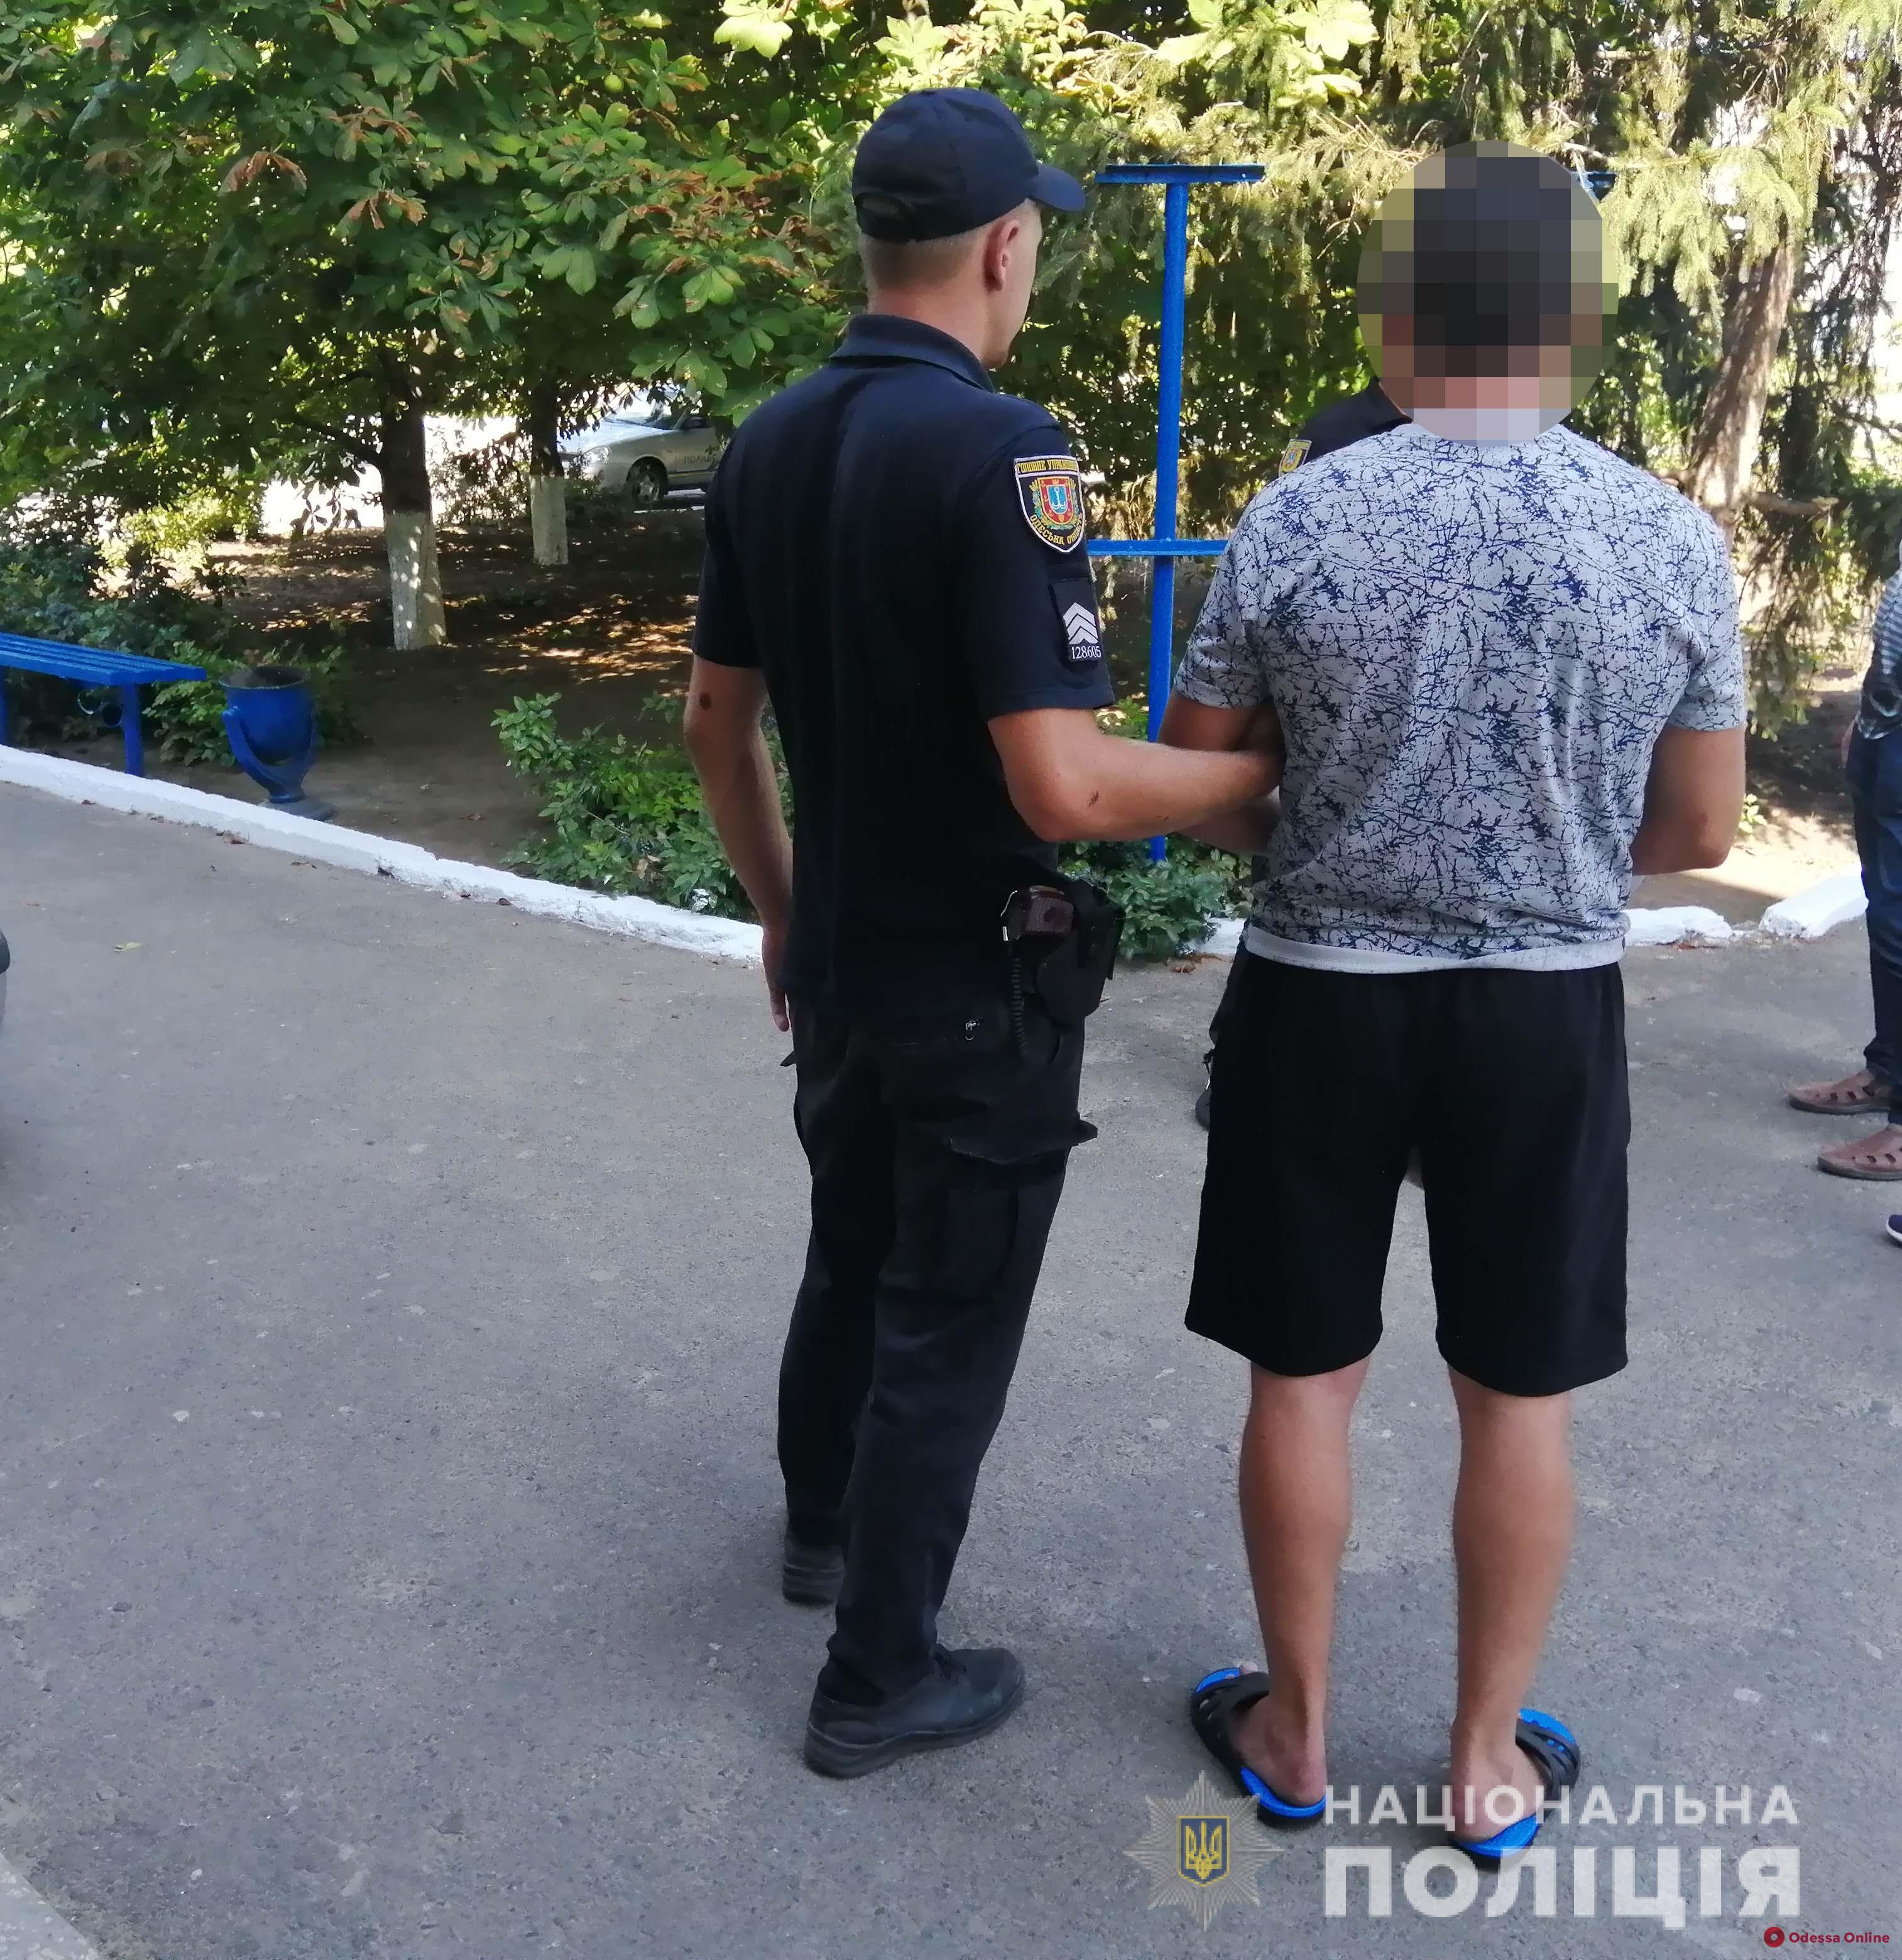 Пьяный житель Одесской области во время ссоры до смерти избил пожилую мать